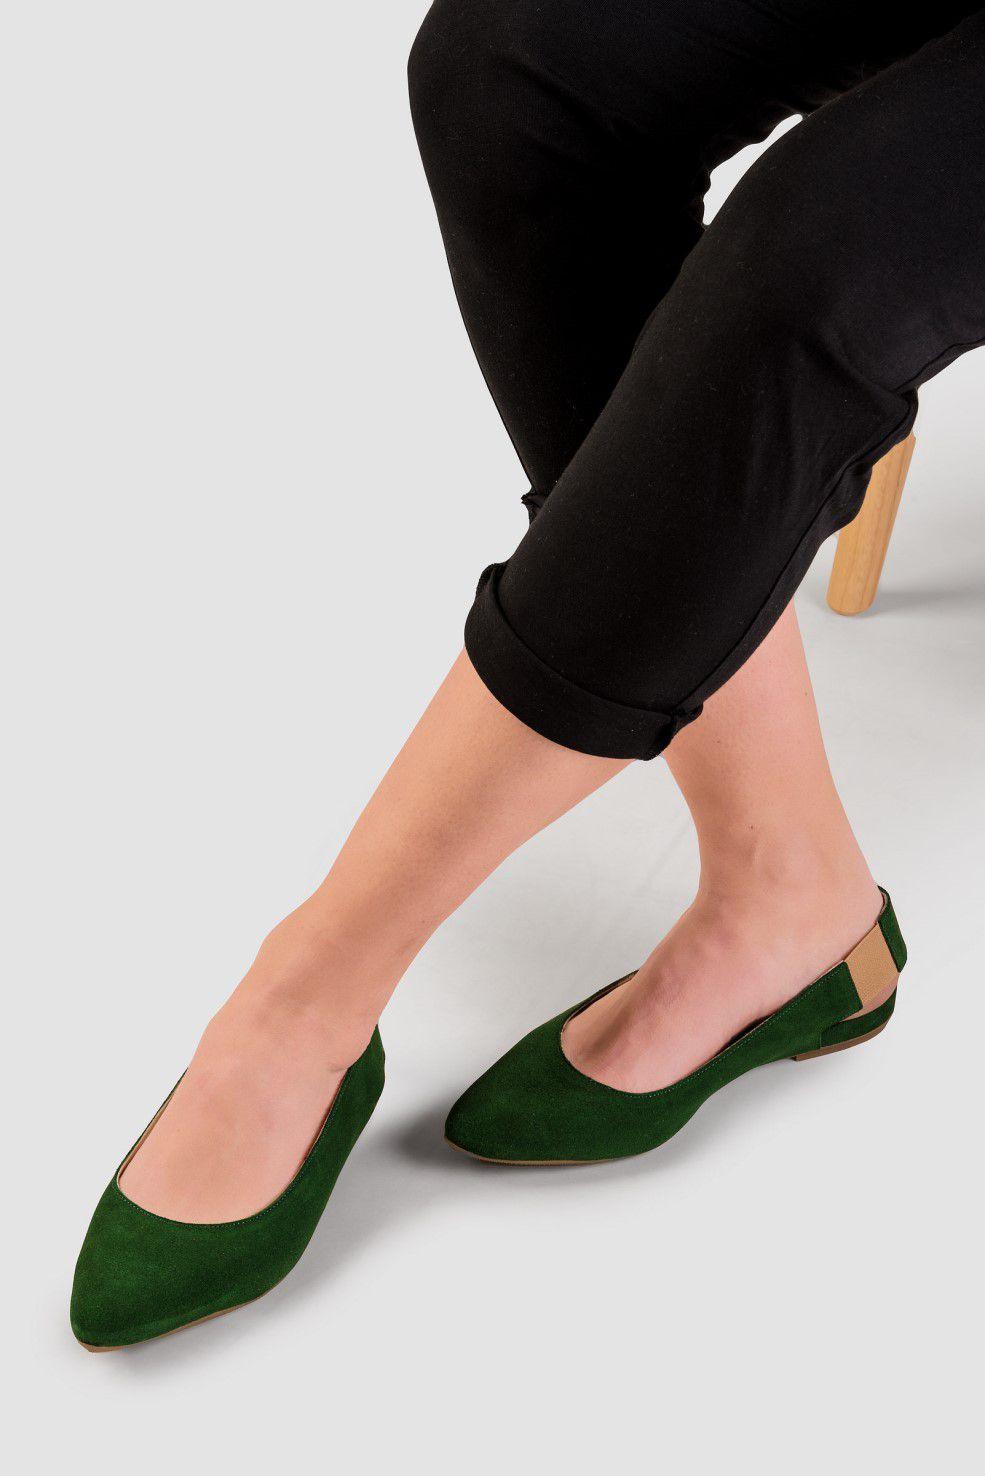 Guliver slingbacksice - savršene proljetne balerinke